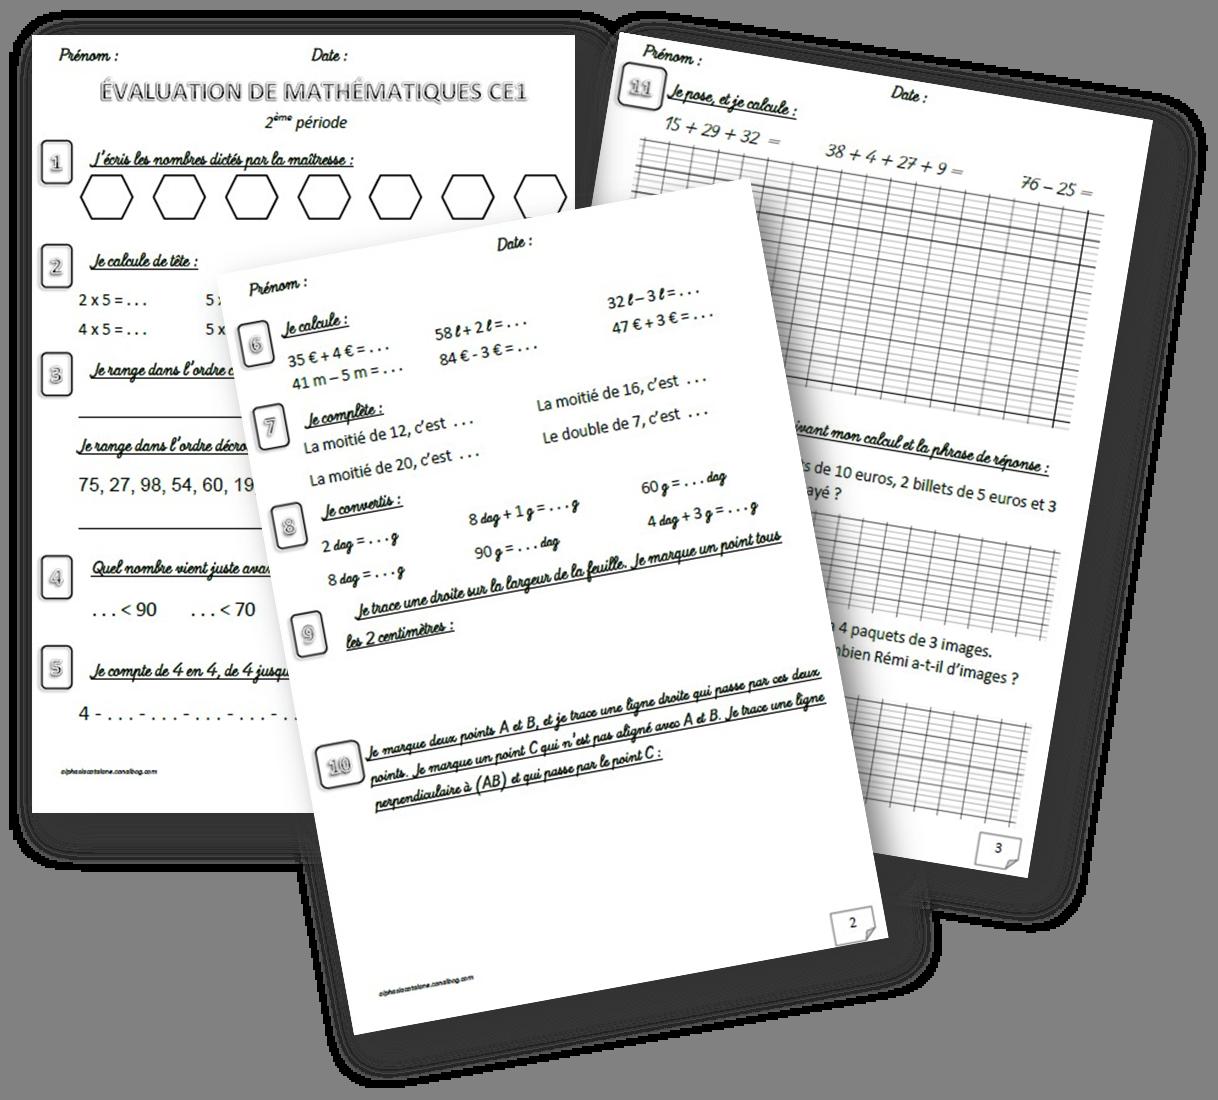 Evaluations De Mathematiques Ce1 1er Trimestre Periode 1 Periode 2 2eme Trimestre Les Alphas De Lacatalane